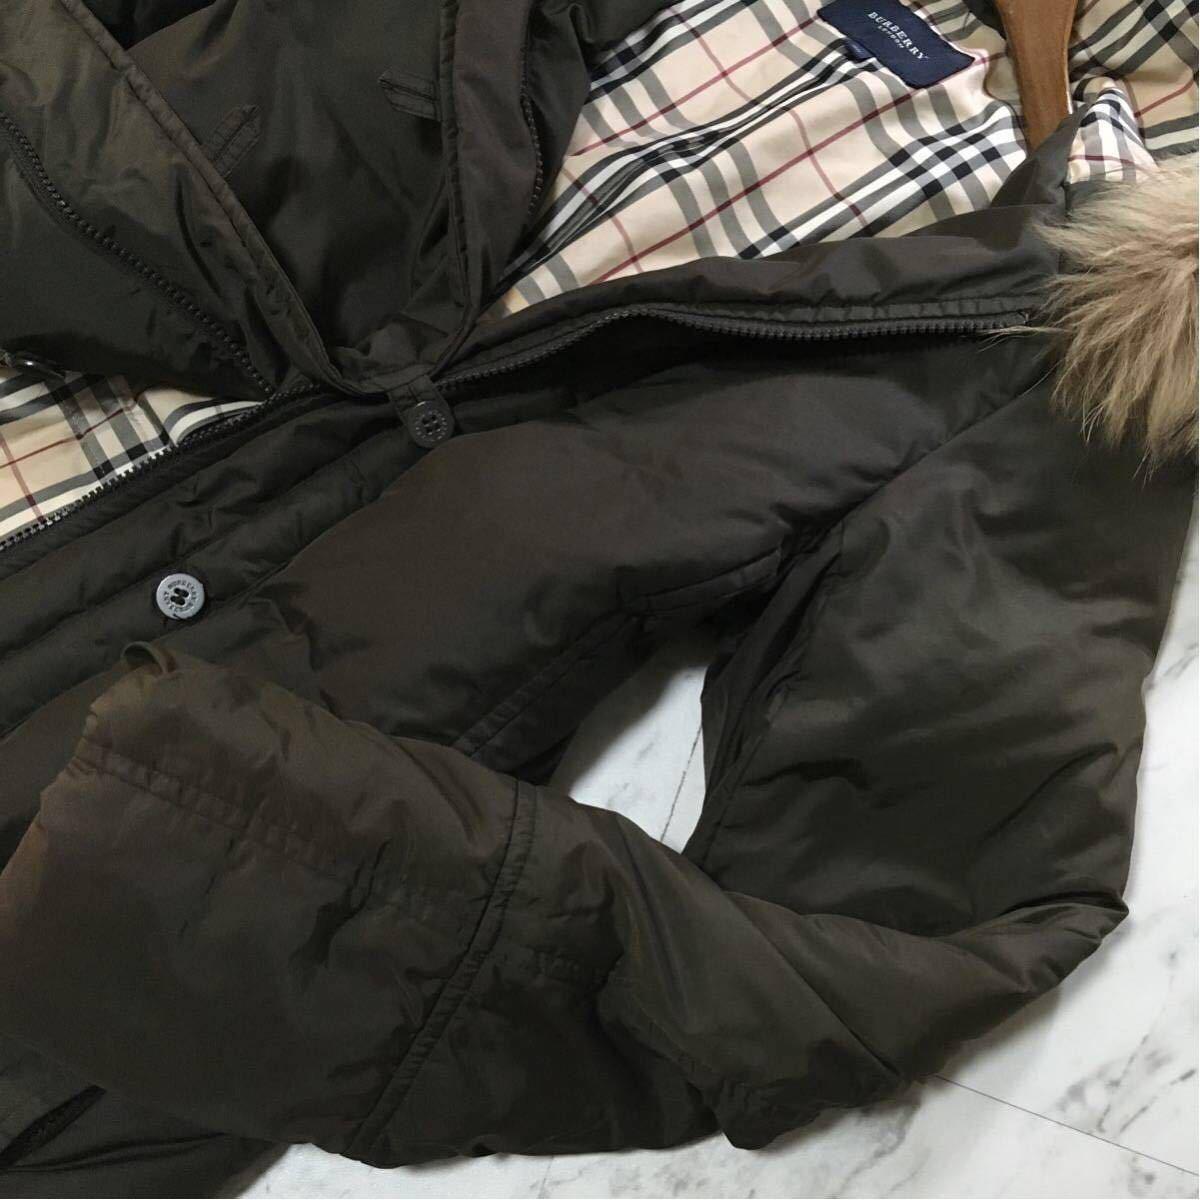 美品BURBERRY10万超【高級ダウン90% 上質ラクーンファ使用】肉厚 ダウンジャケットコート バーバリーロンドン レディース_画像7